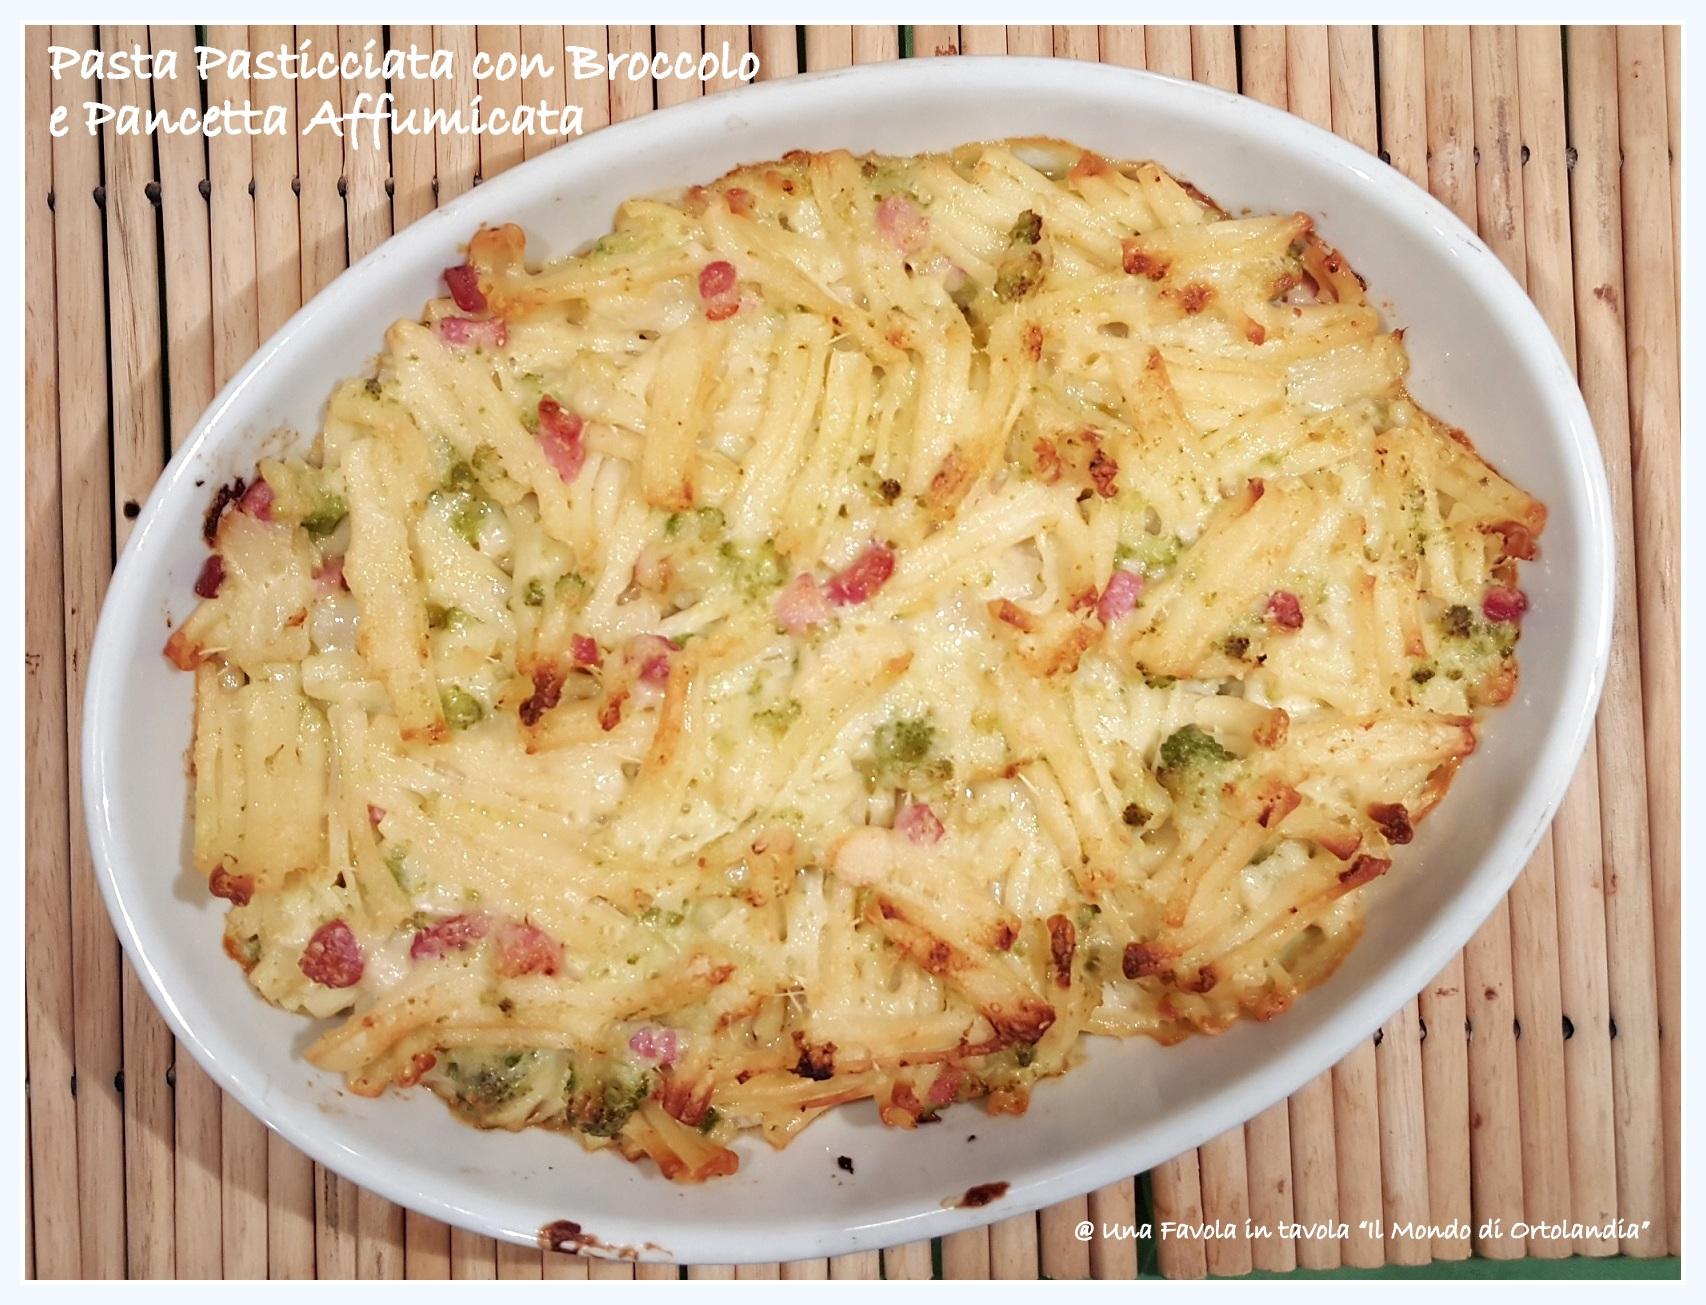 Ricetta pasta pasticciata senza carne